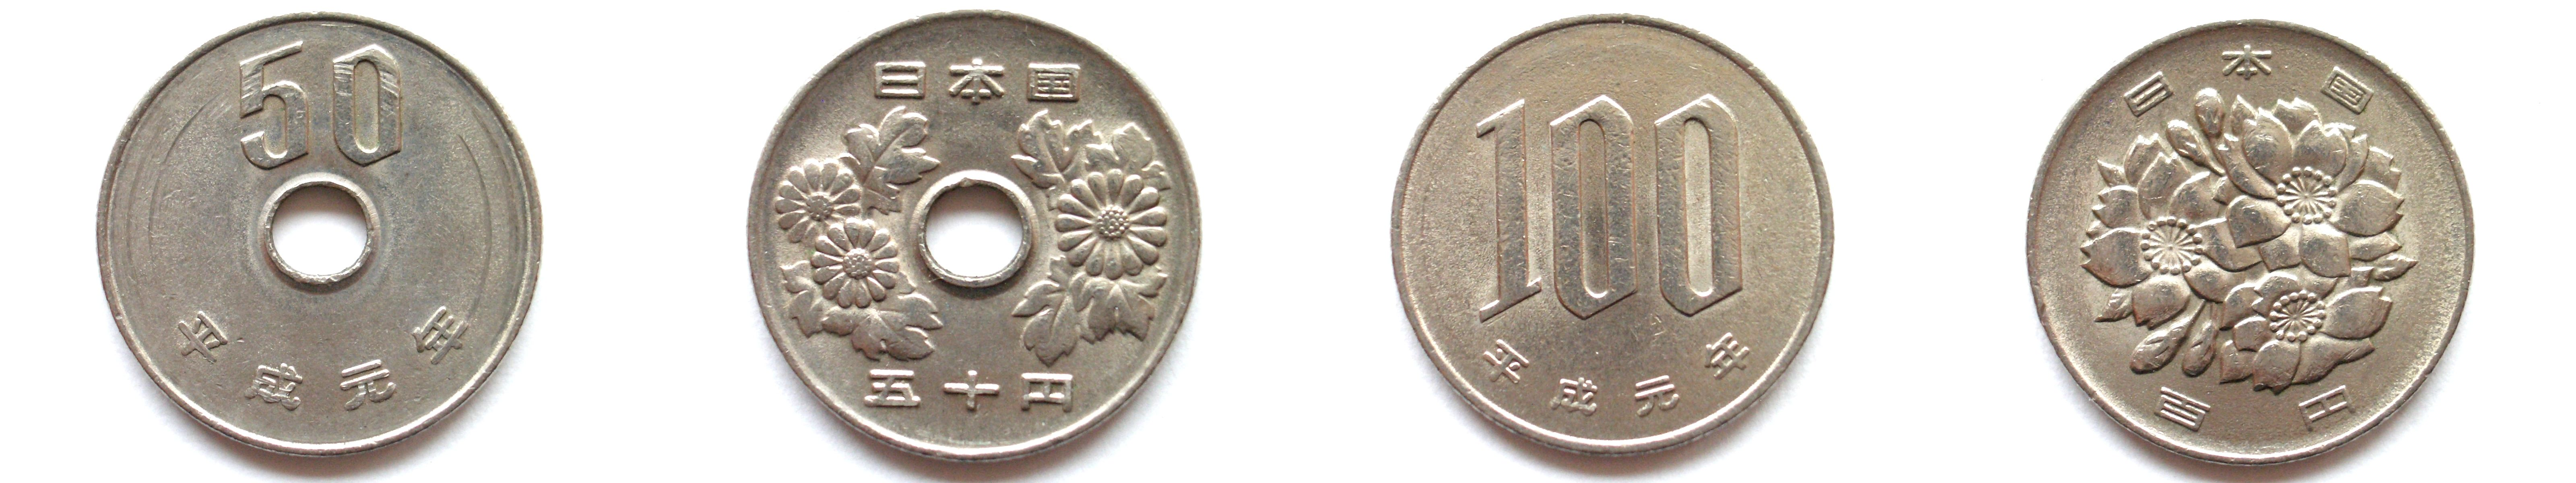 Jahreszahl Auf Japan Münzen